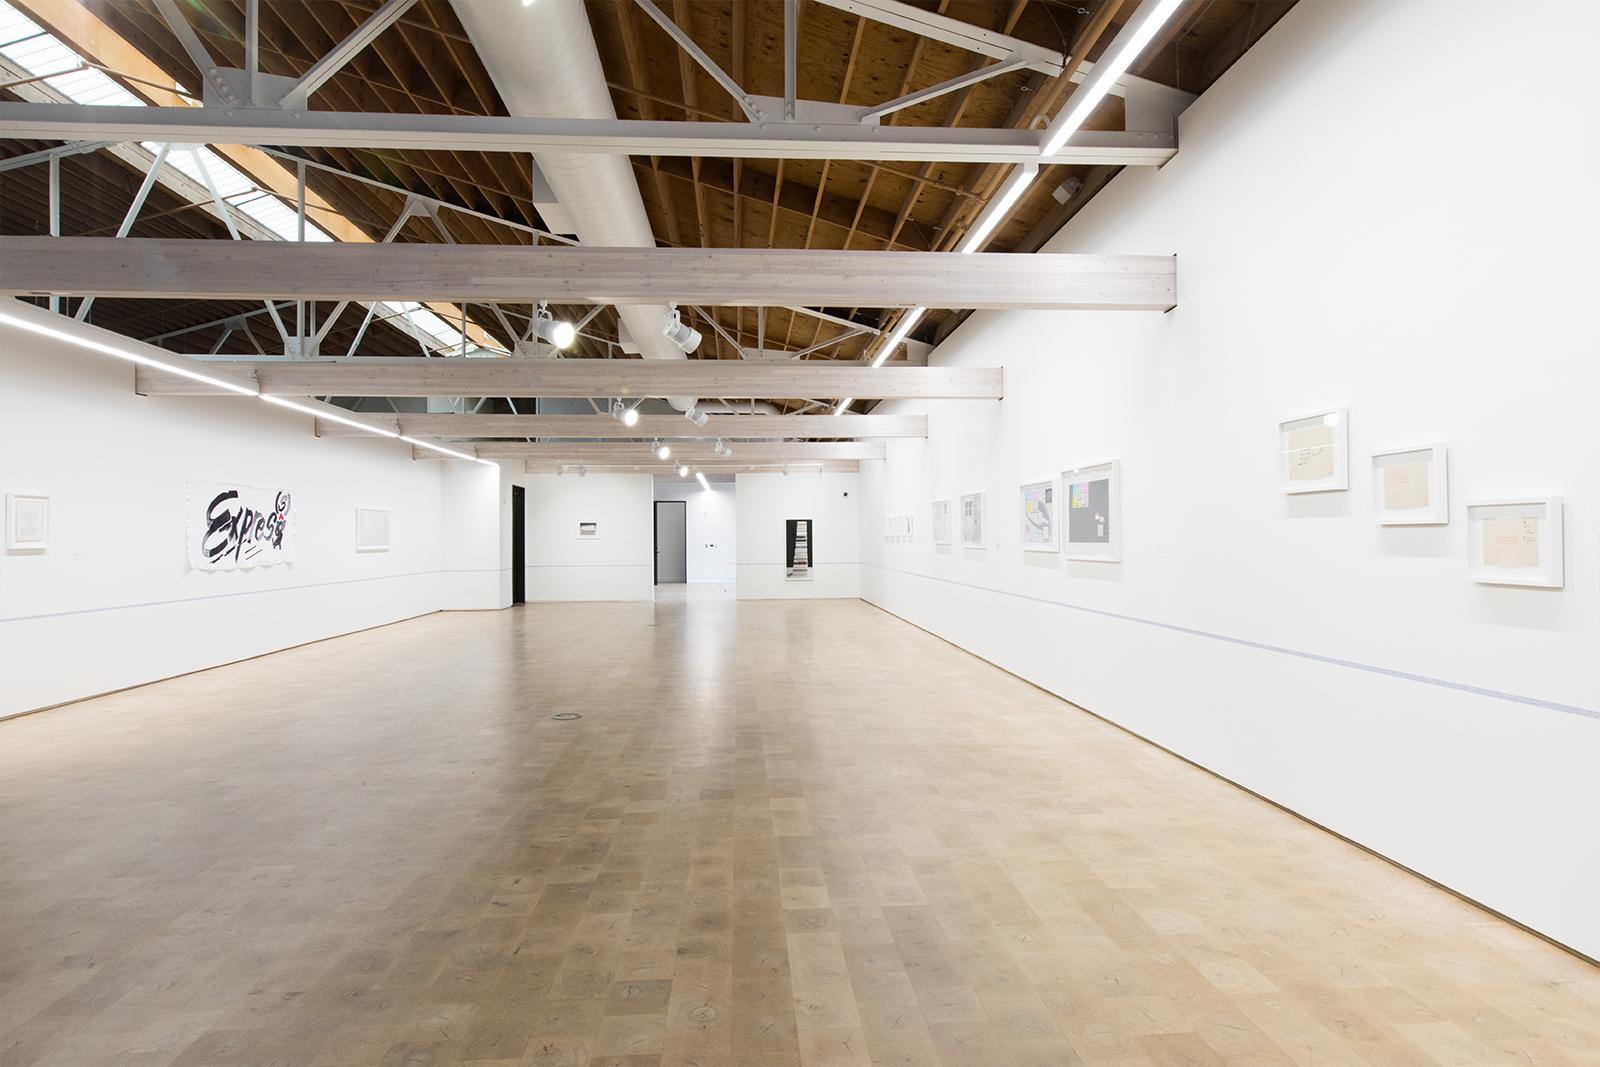 Union-gallery-matthewsontheimer019